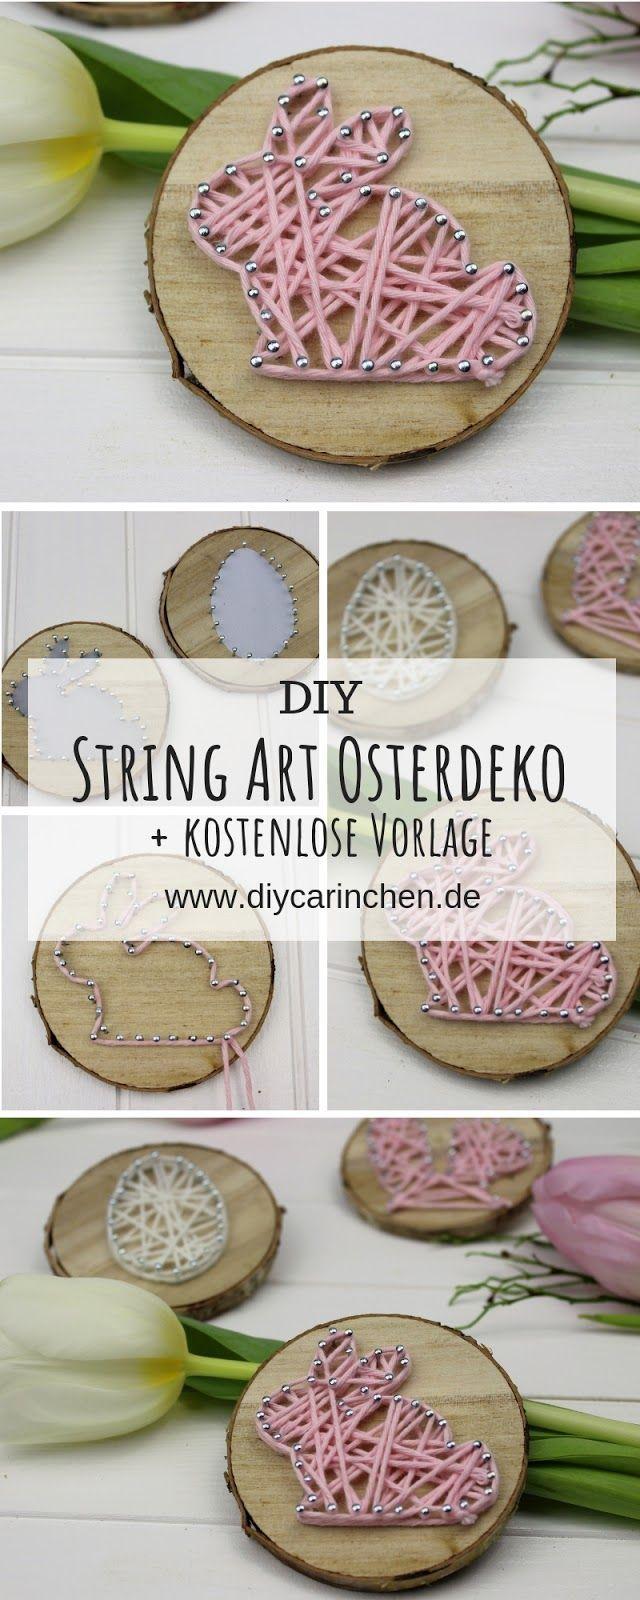 DIY Osterhase in String Art auf einer Astscheibe einfach selbermachen #weihnachtskartenbastelnmitkindern